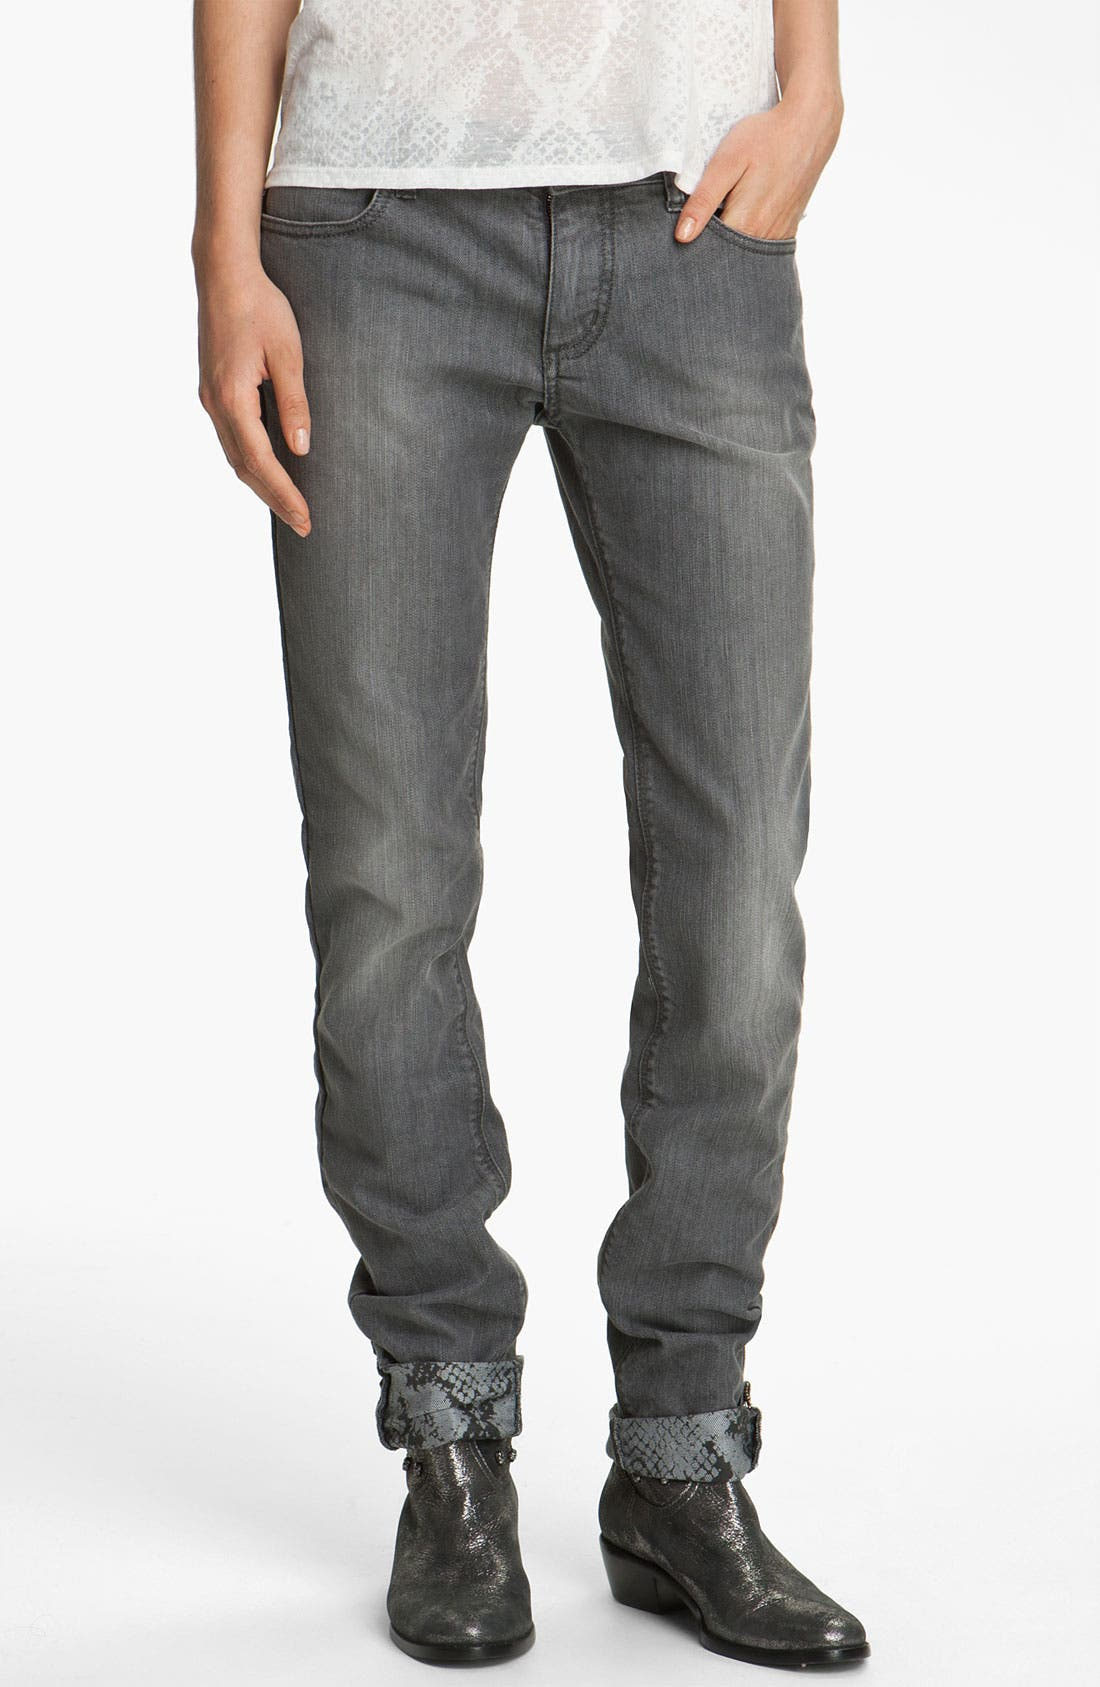 Main Image - Zadig & Voltaire 'Eva' Skinny Jeans